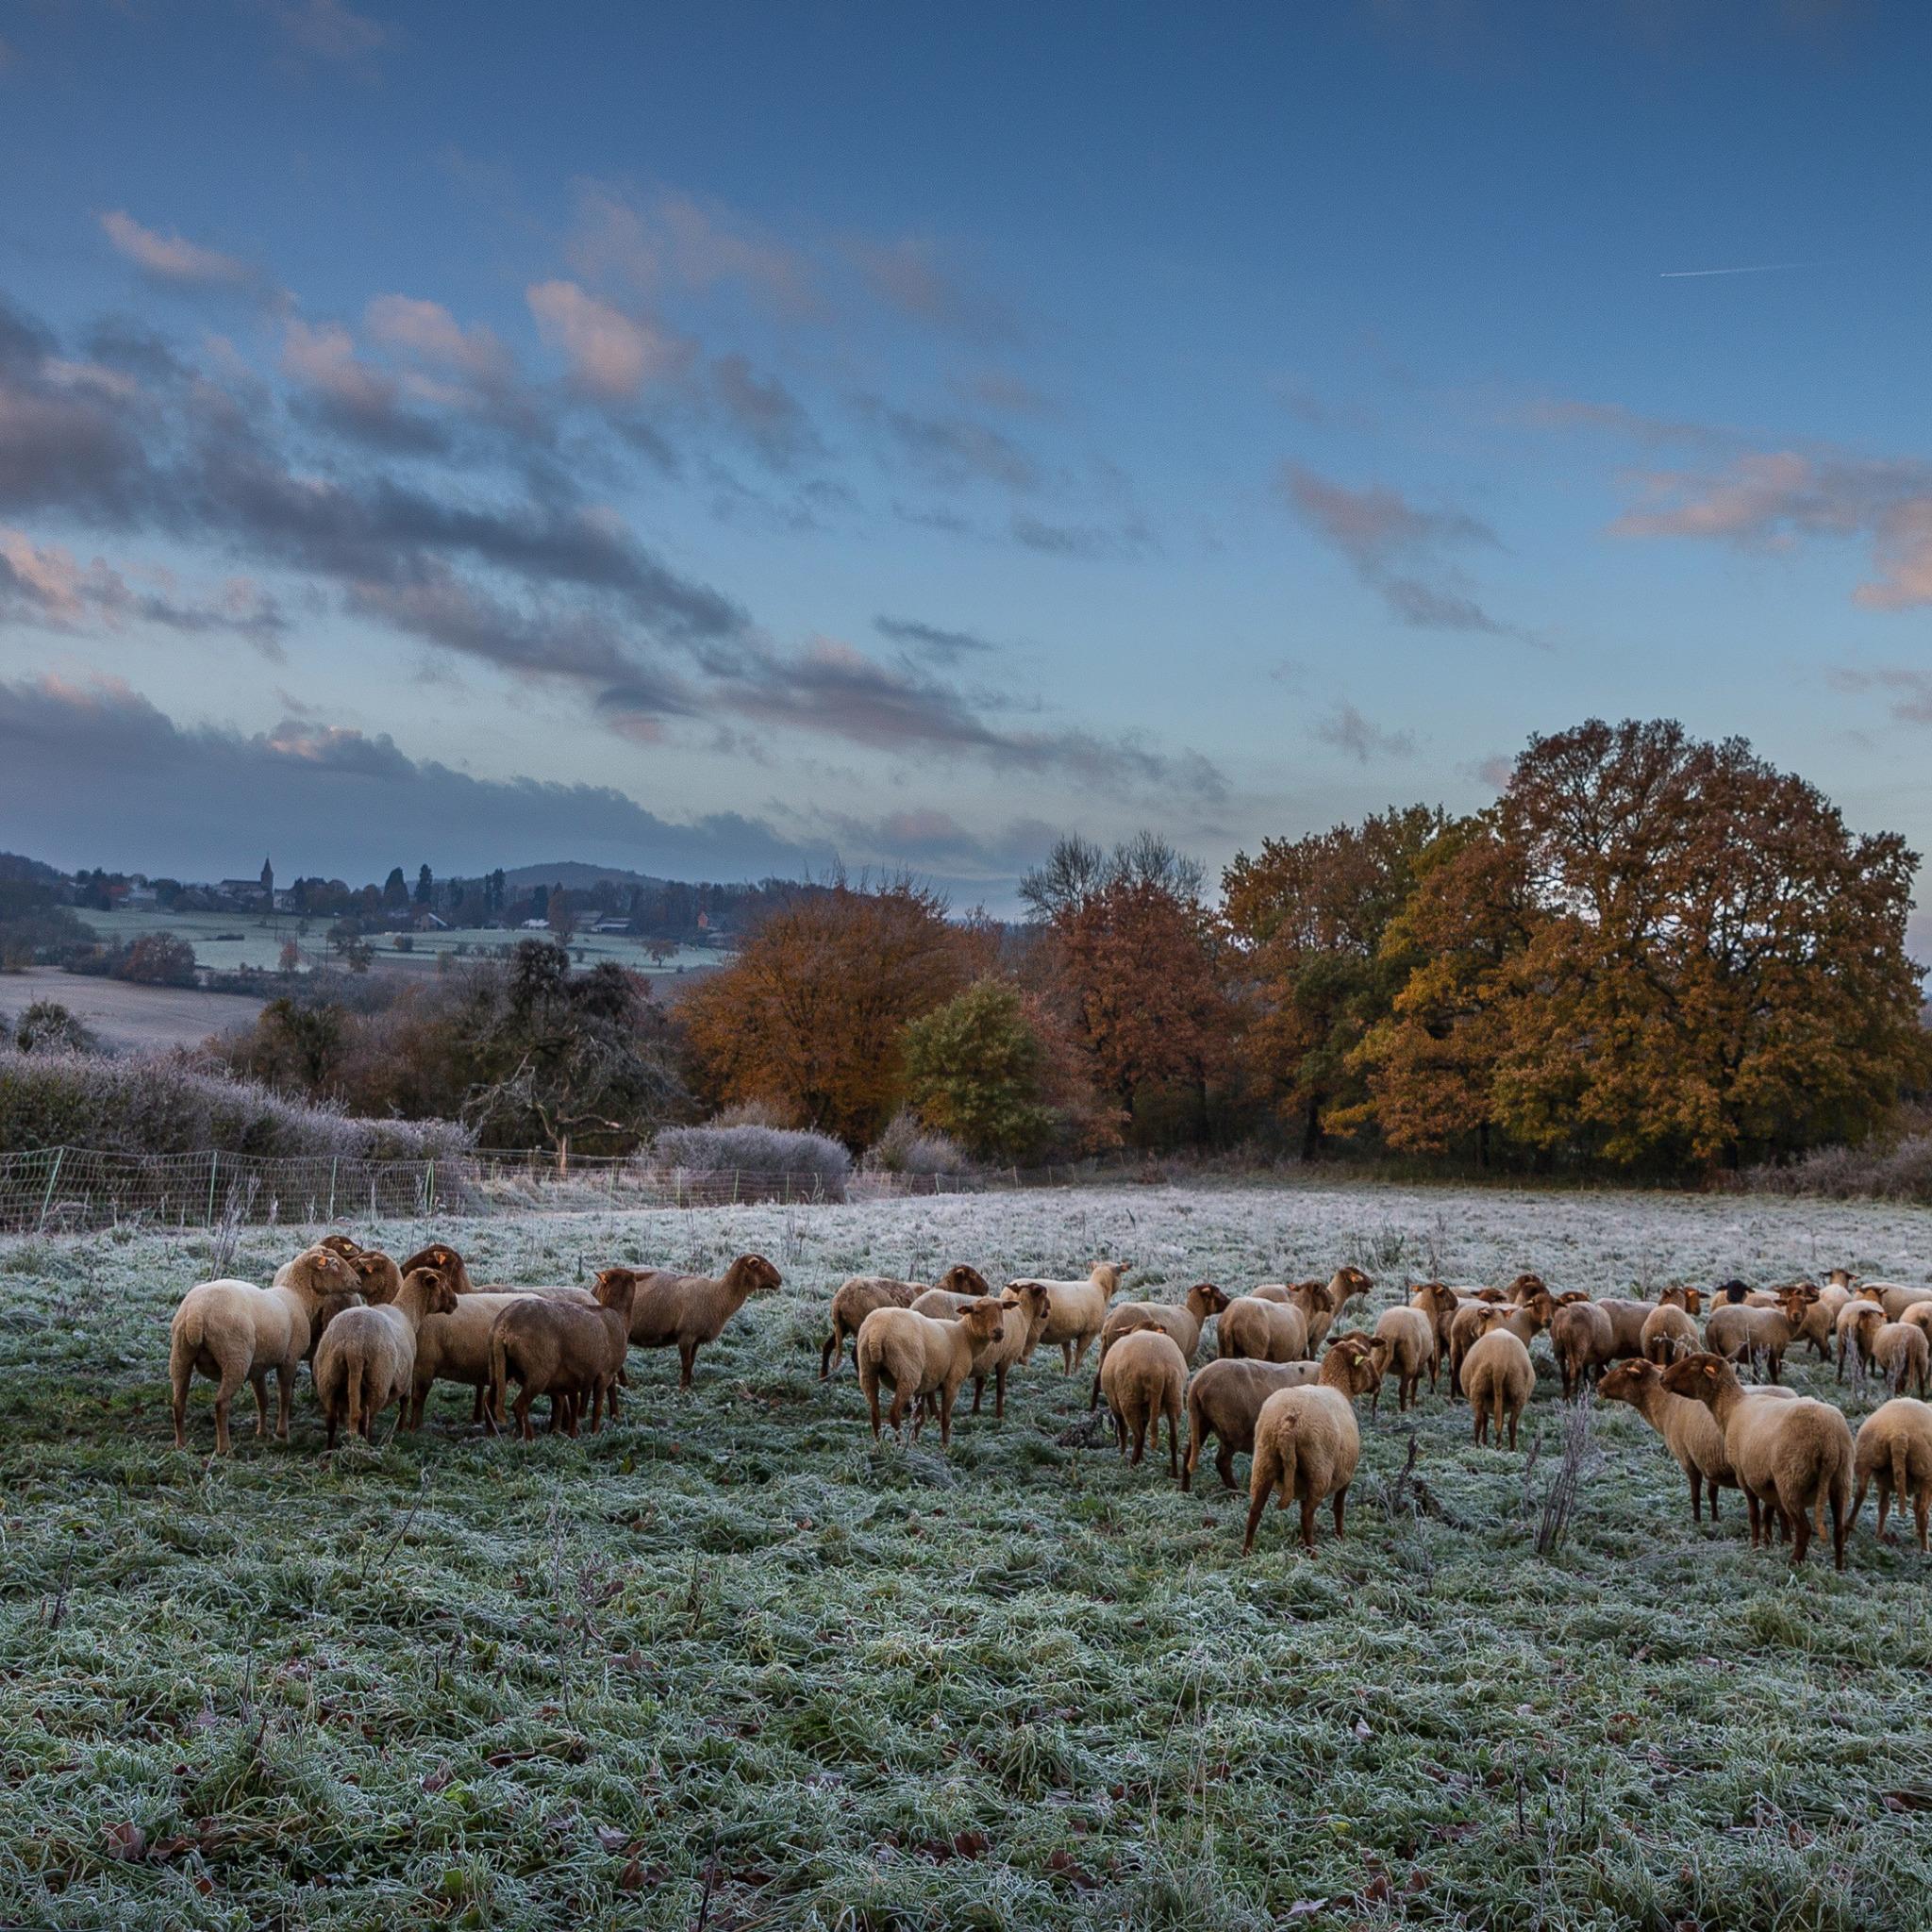 картинки луг с овцами женские ноги